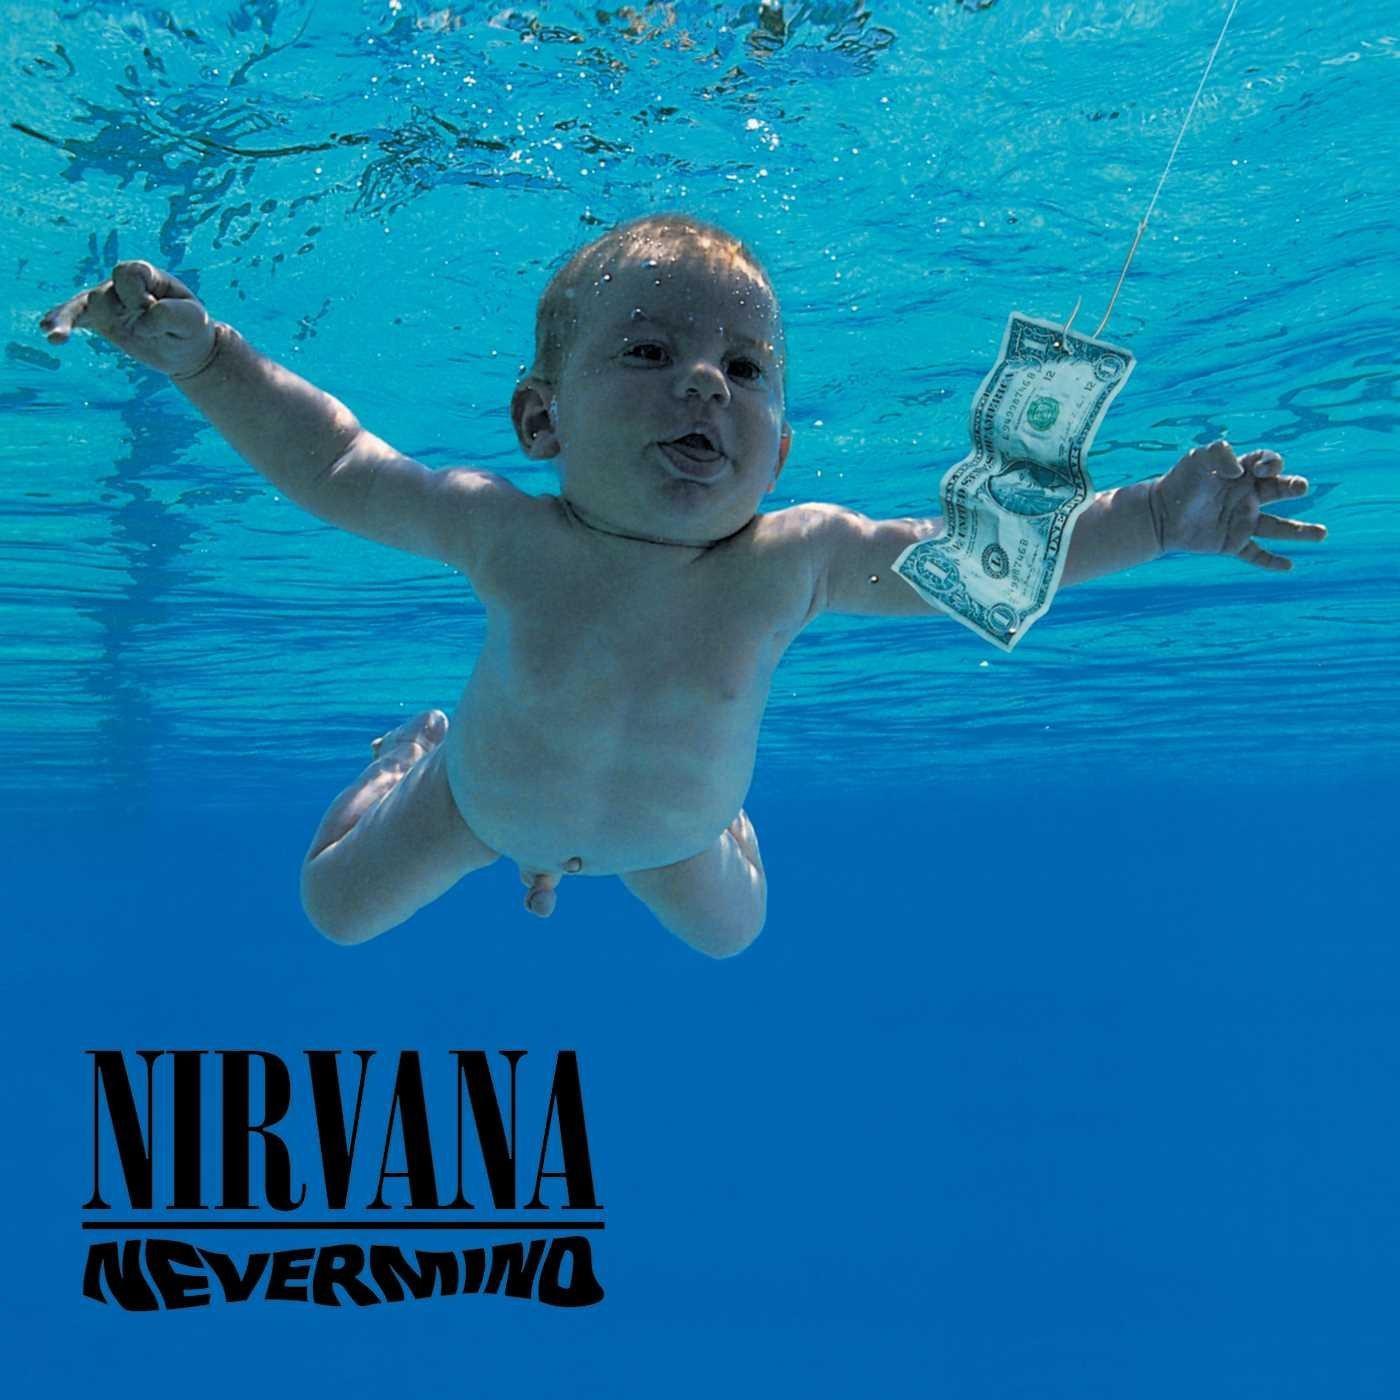 Nirvana: Nevermind - CD - Opus3a